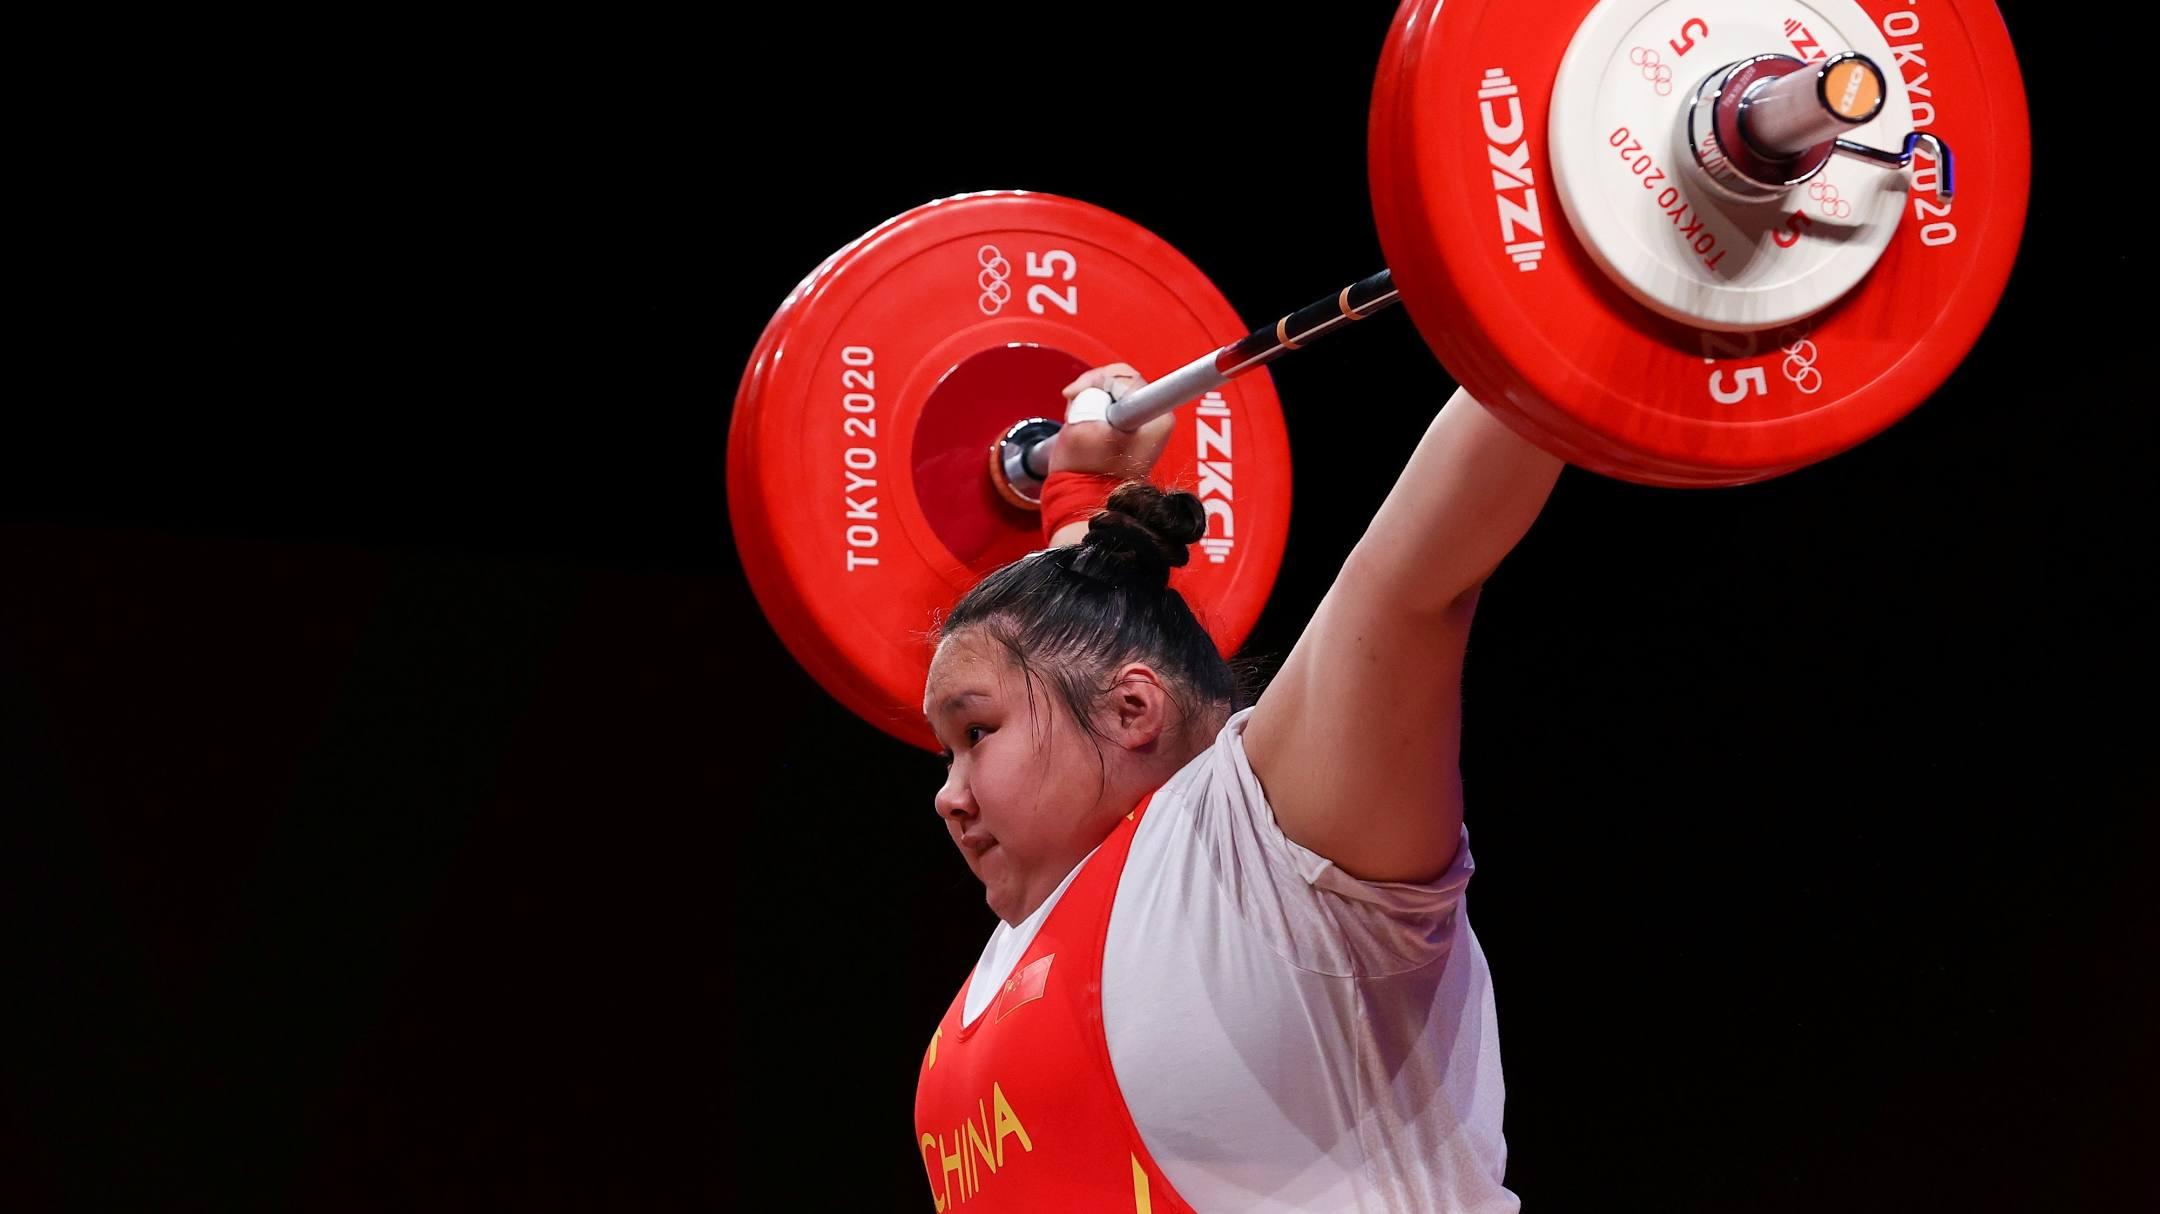 VĐV Trung Quốc phá kỷ lục nâng tạ thế giới